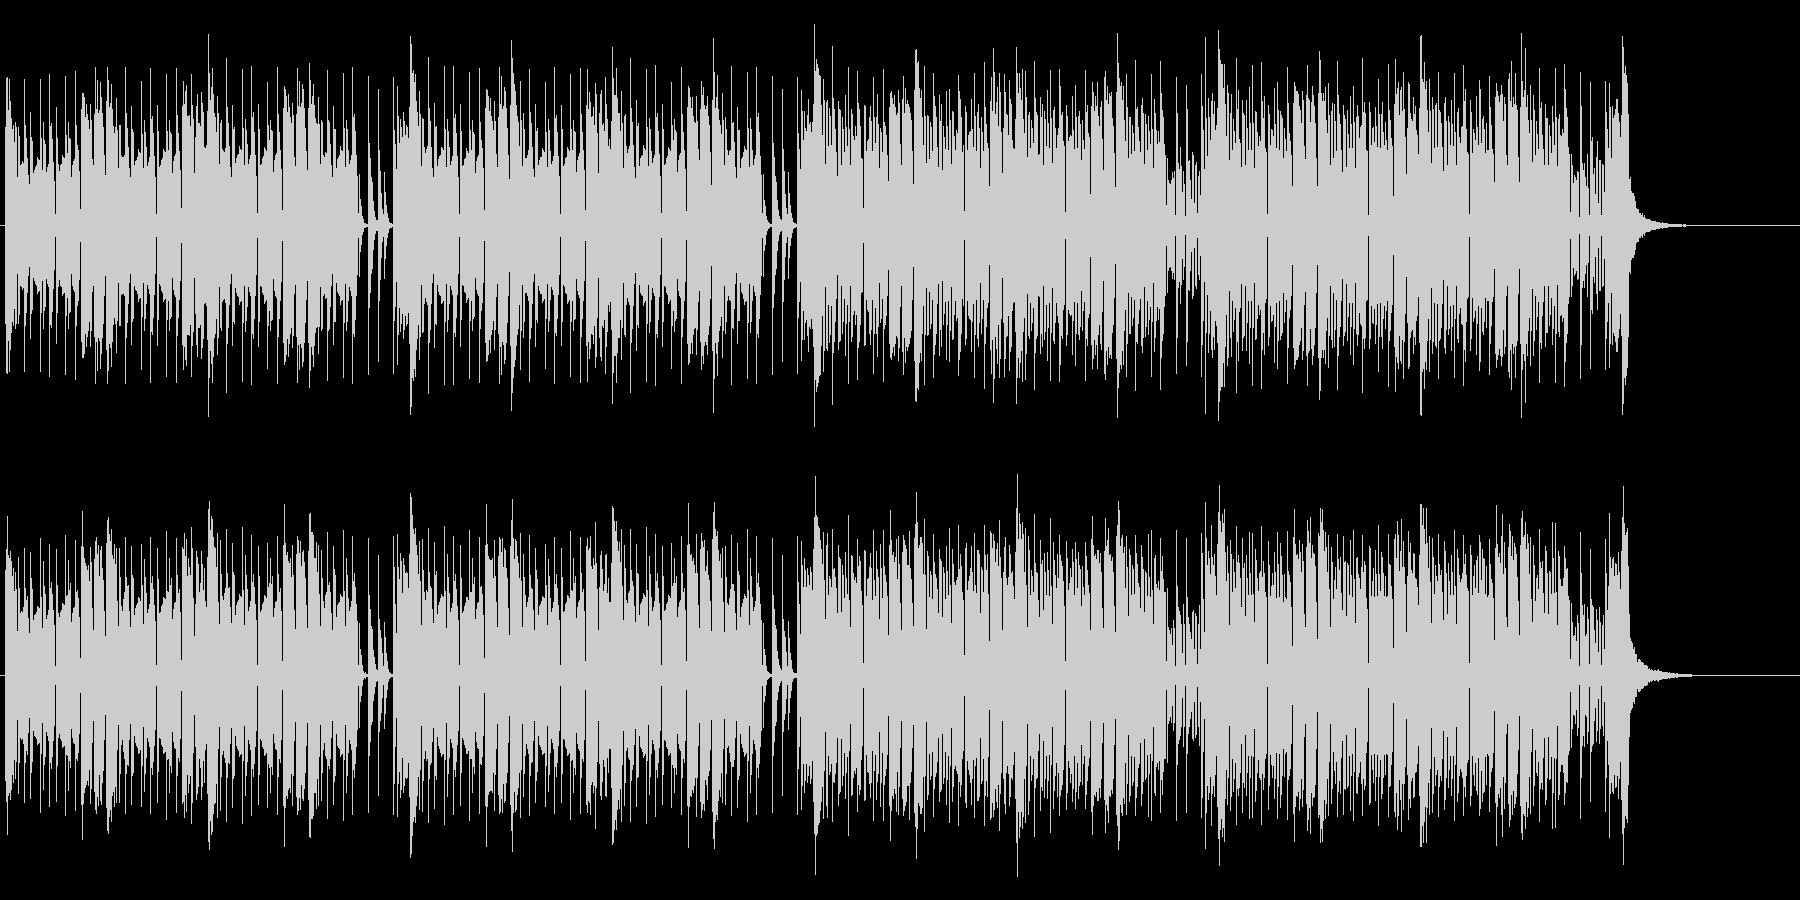 緊張感のあるEDM調バトル曲の未再生の波形